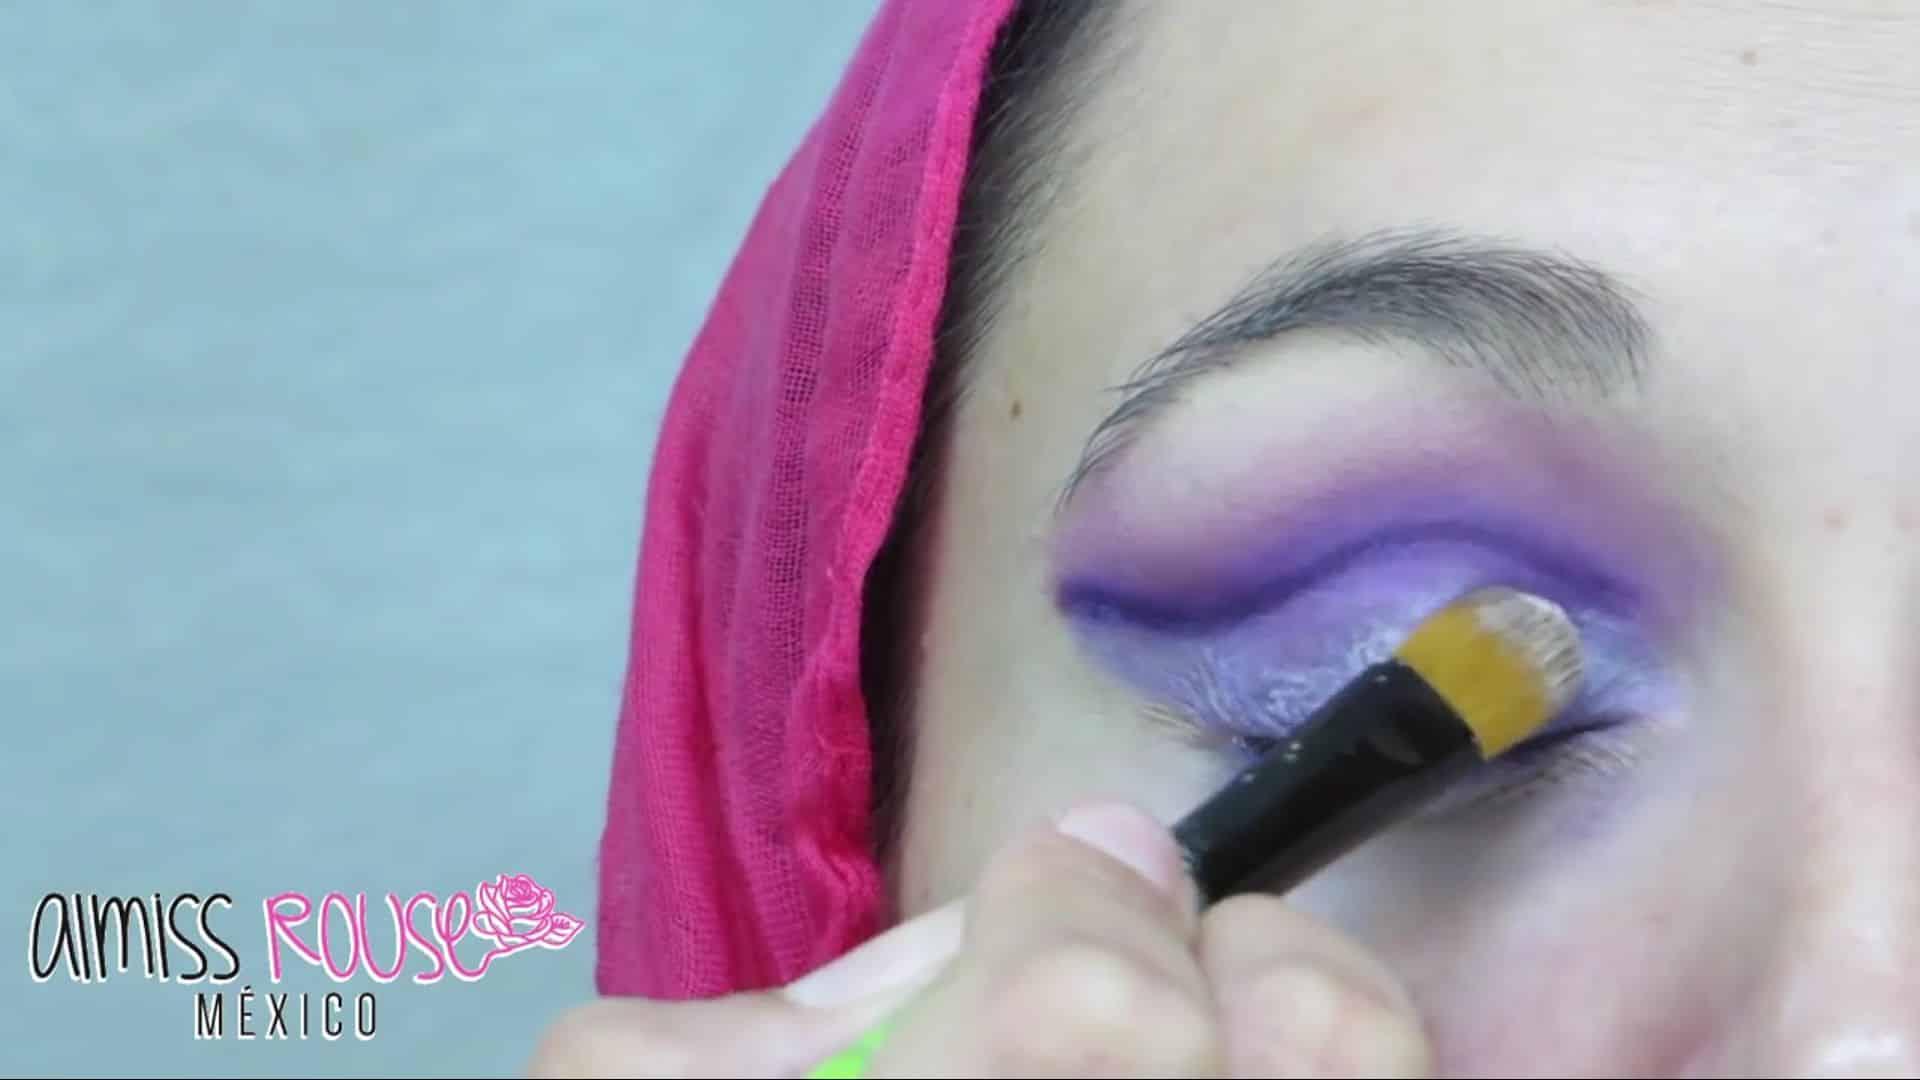 Paso a paso maquillaje Árabe almiss rouse 2020, aplicar pegamento en parpado móvil.